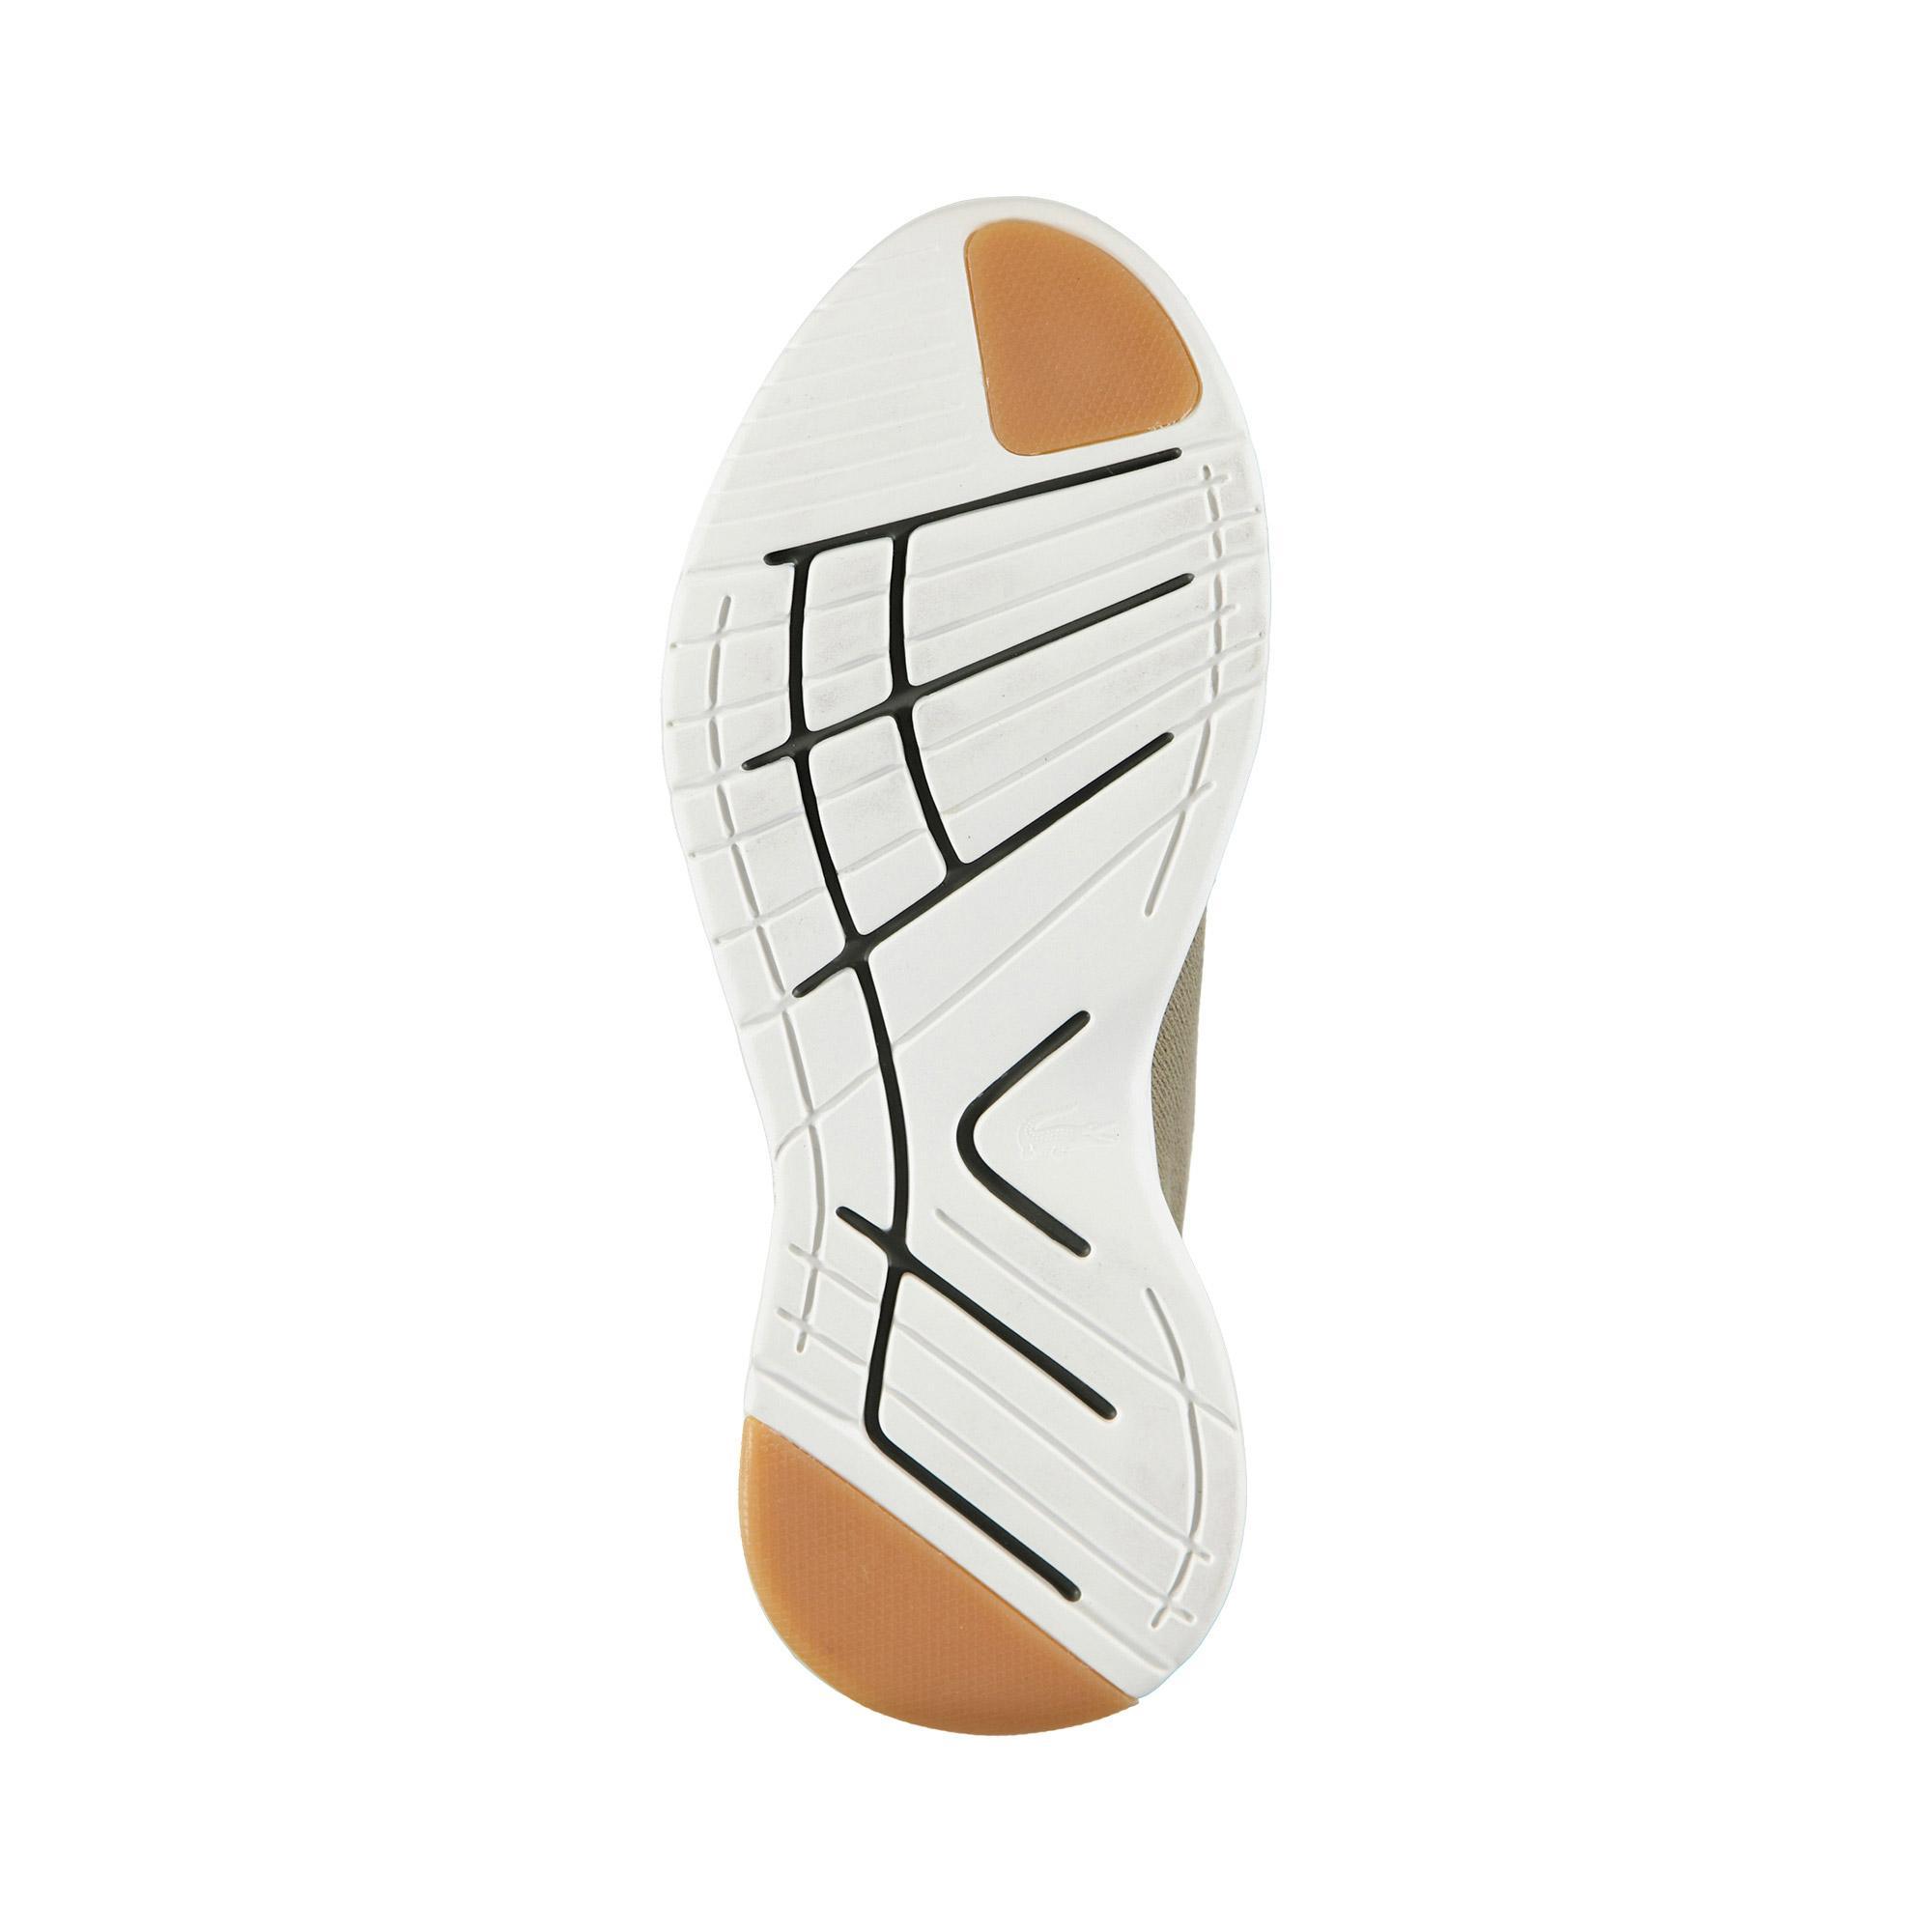 Lacoste Kadın Haki - Bej LT Fit 119 1 Sneaker